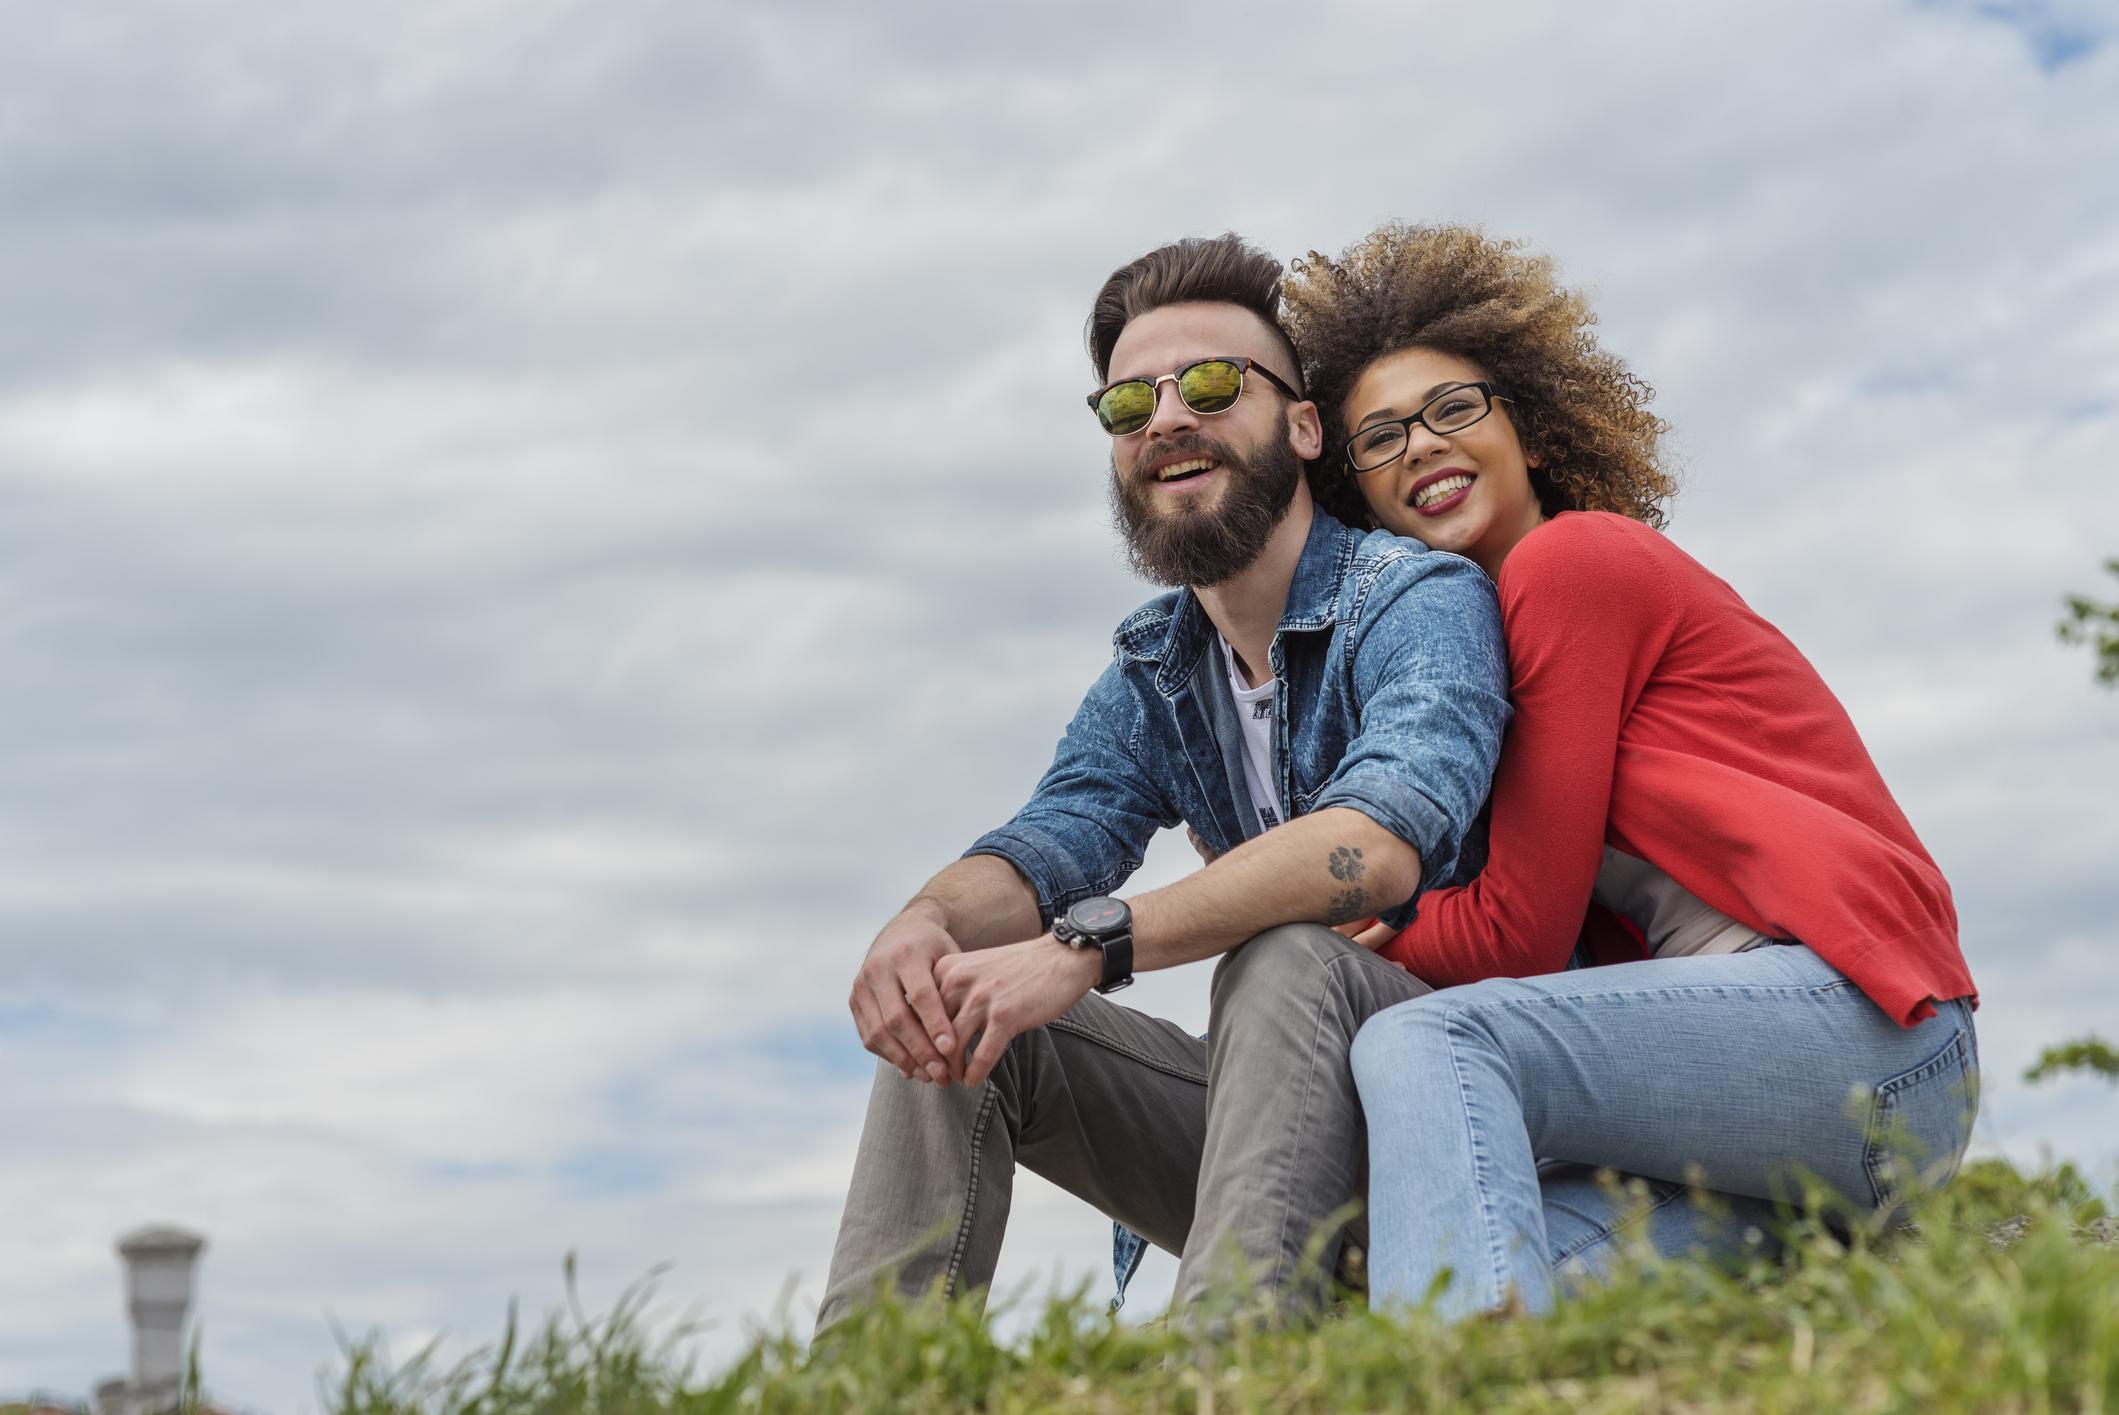 Πώς να δράσεις όταν βγαίνεις με έναν παντρεμένο